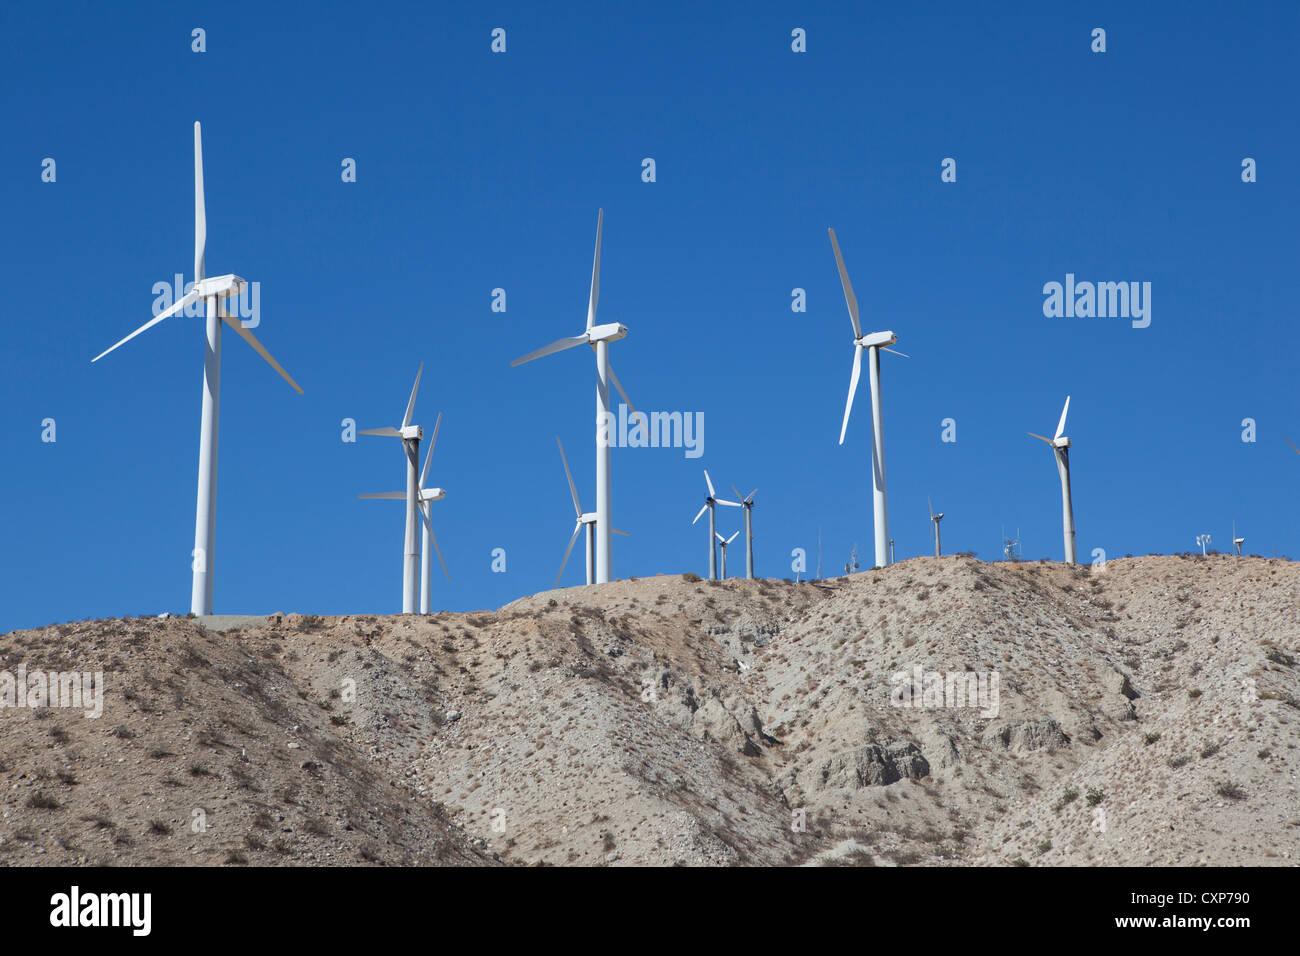 Les moulins à vent la récolte de l'énergie éolienne dans le désert californien près Photo Stock